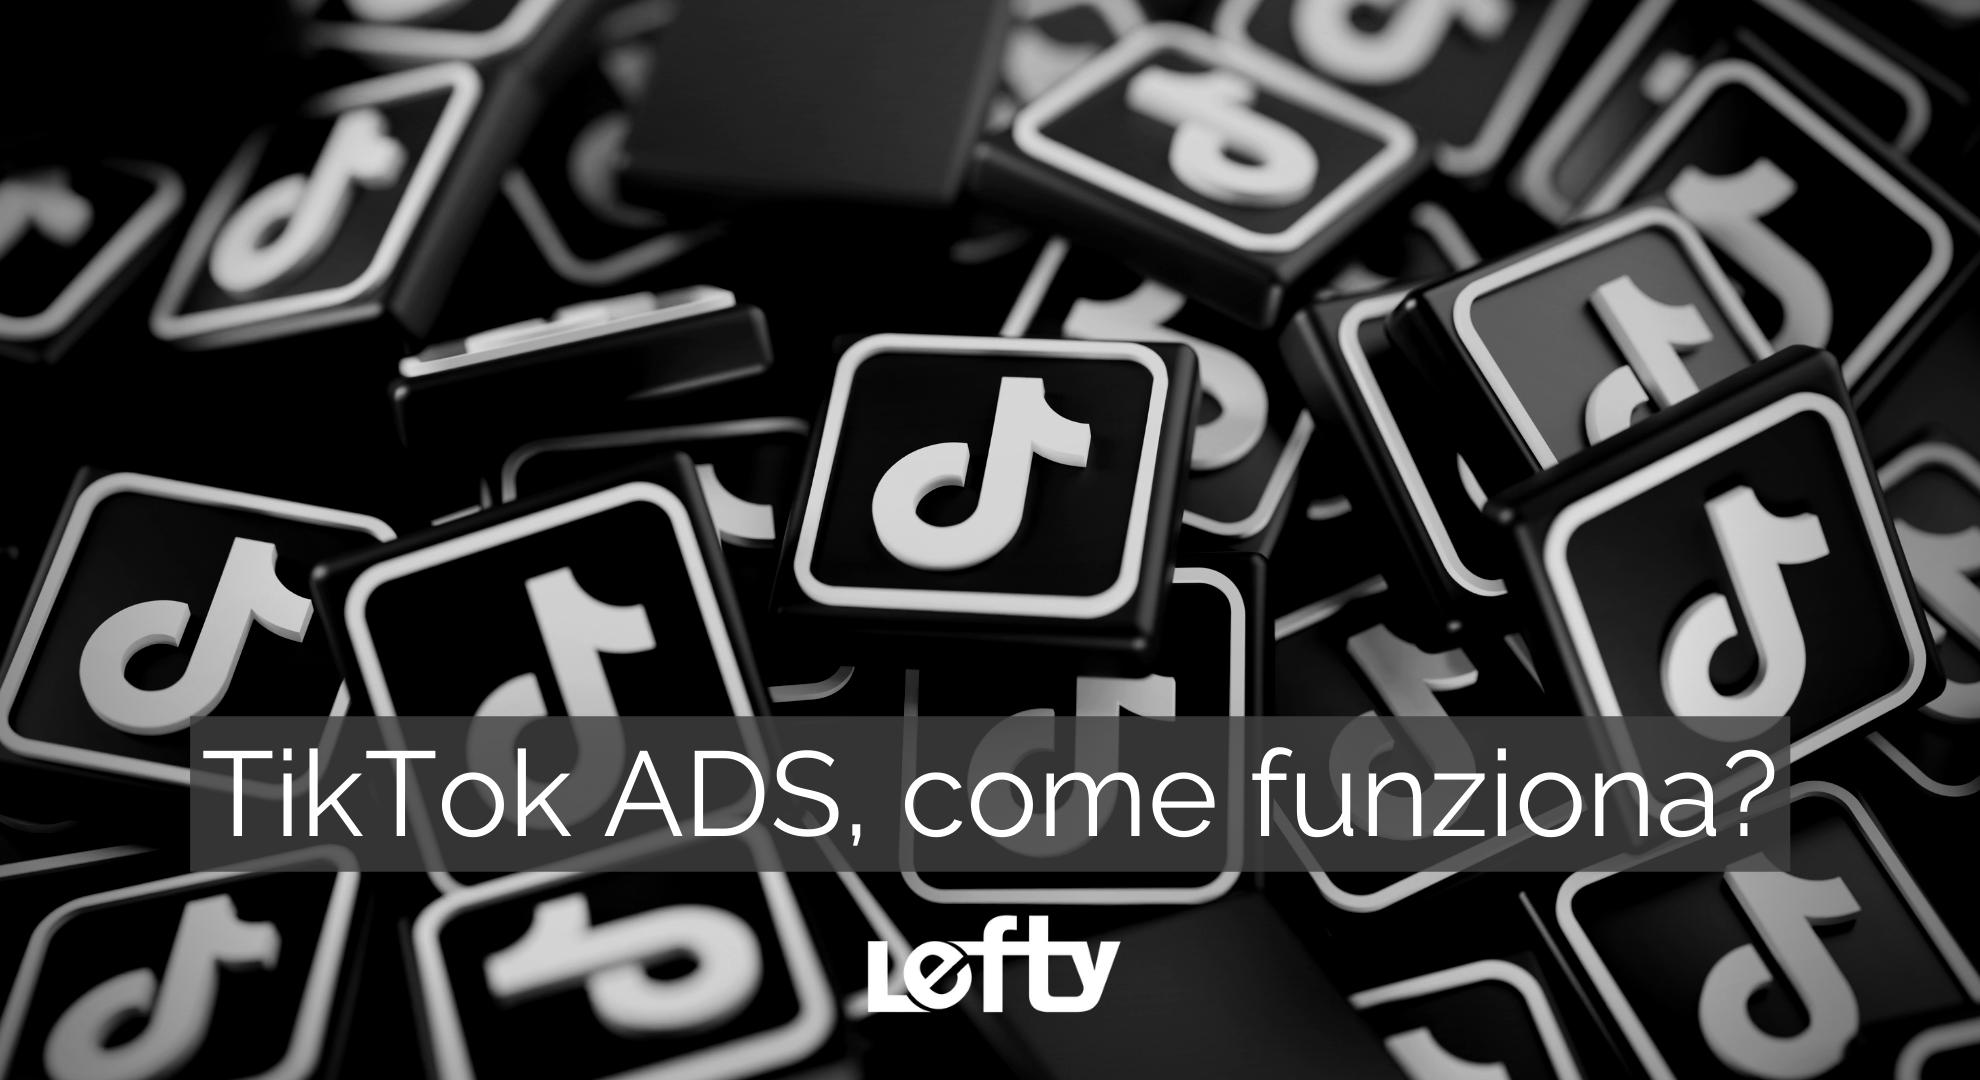 Pubblicità TikTok ADS: vantaggi per aziende